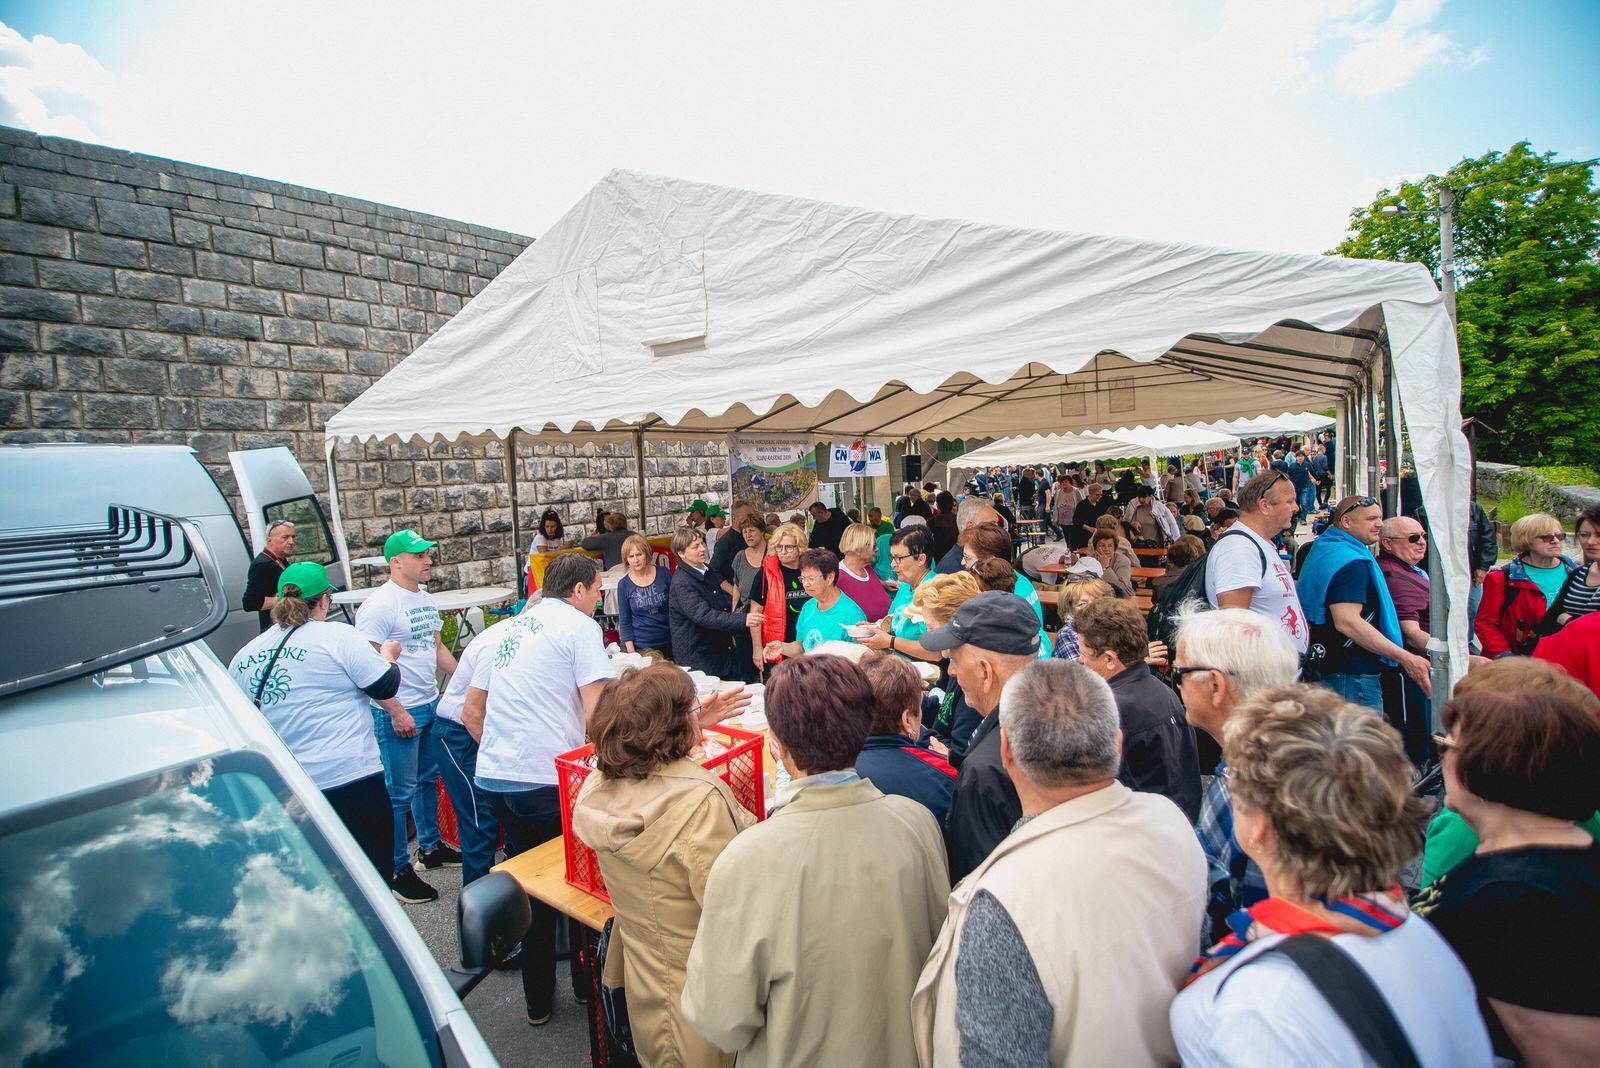 likaclub_slunj_rastoke_5-festival-nordijskog-hodanja_2019-93